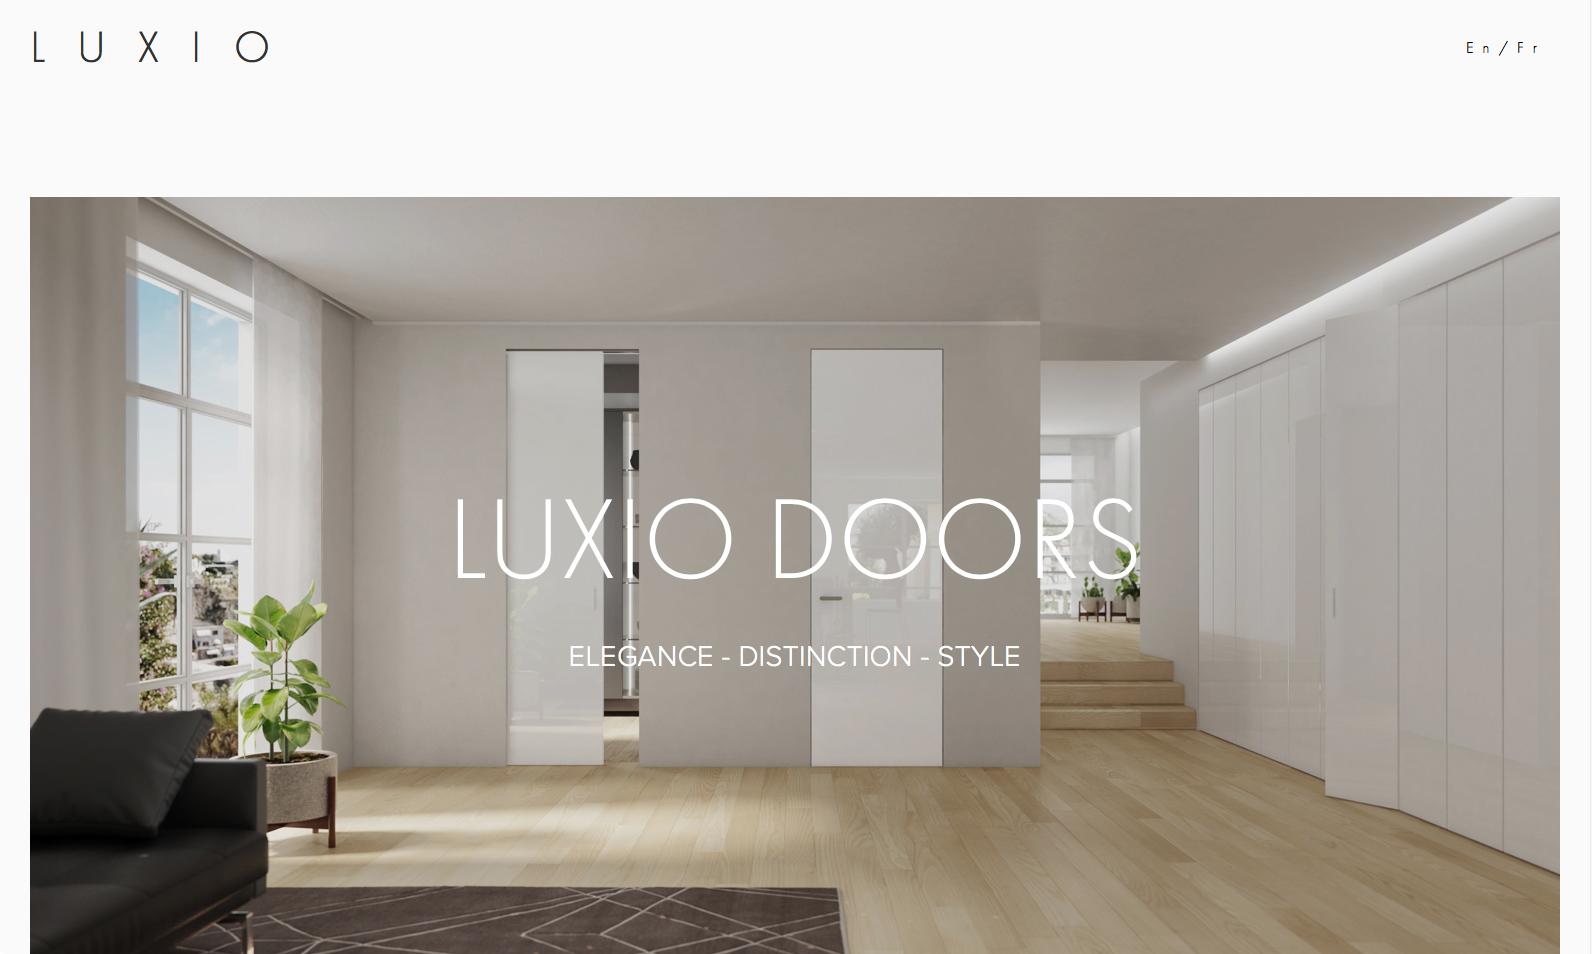 luxio-conception-de-site-web.jpg